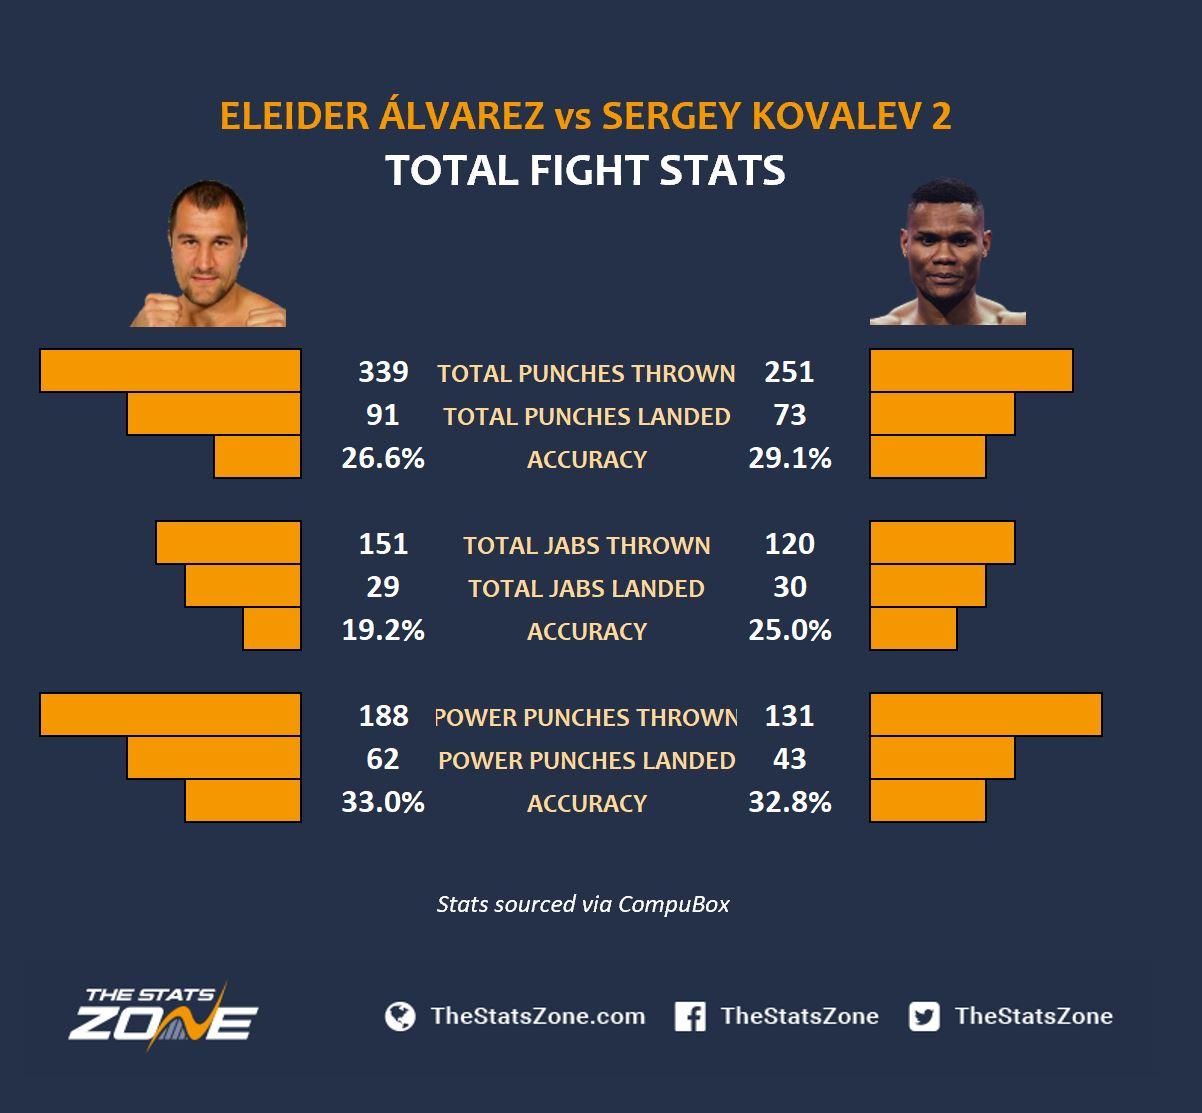 EA v SK Total Fight Stats.JPG